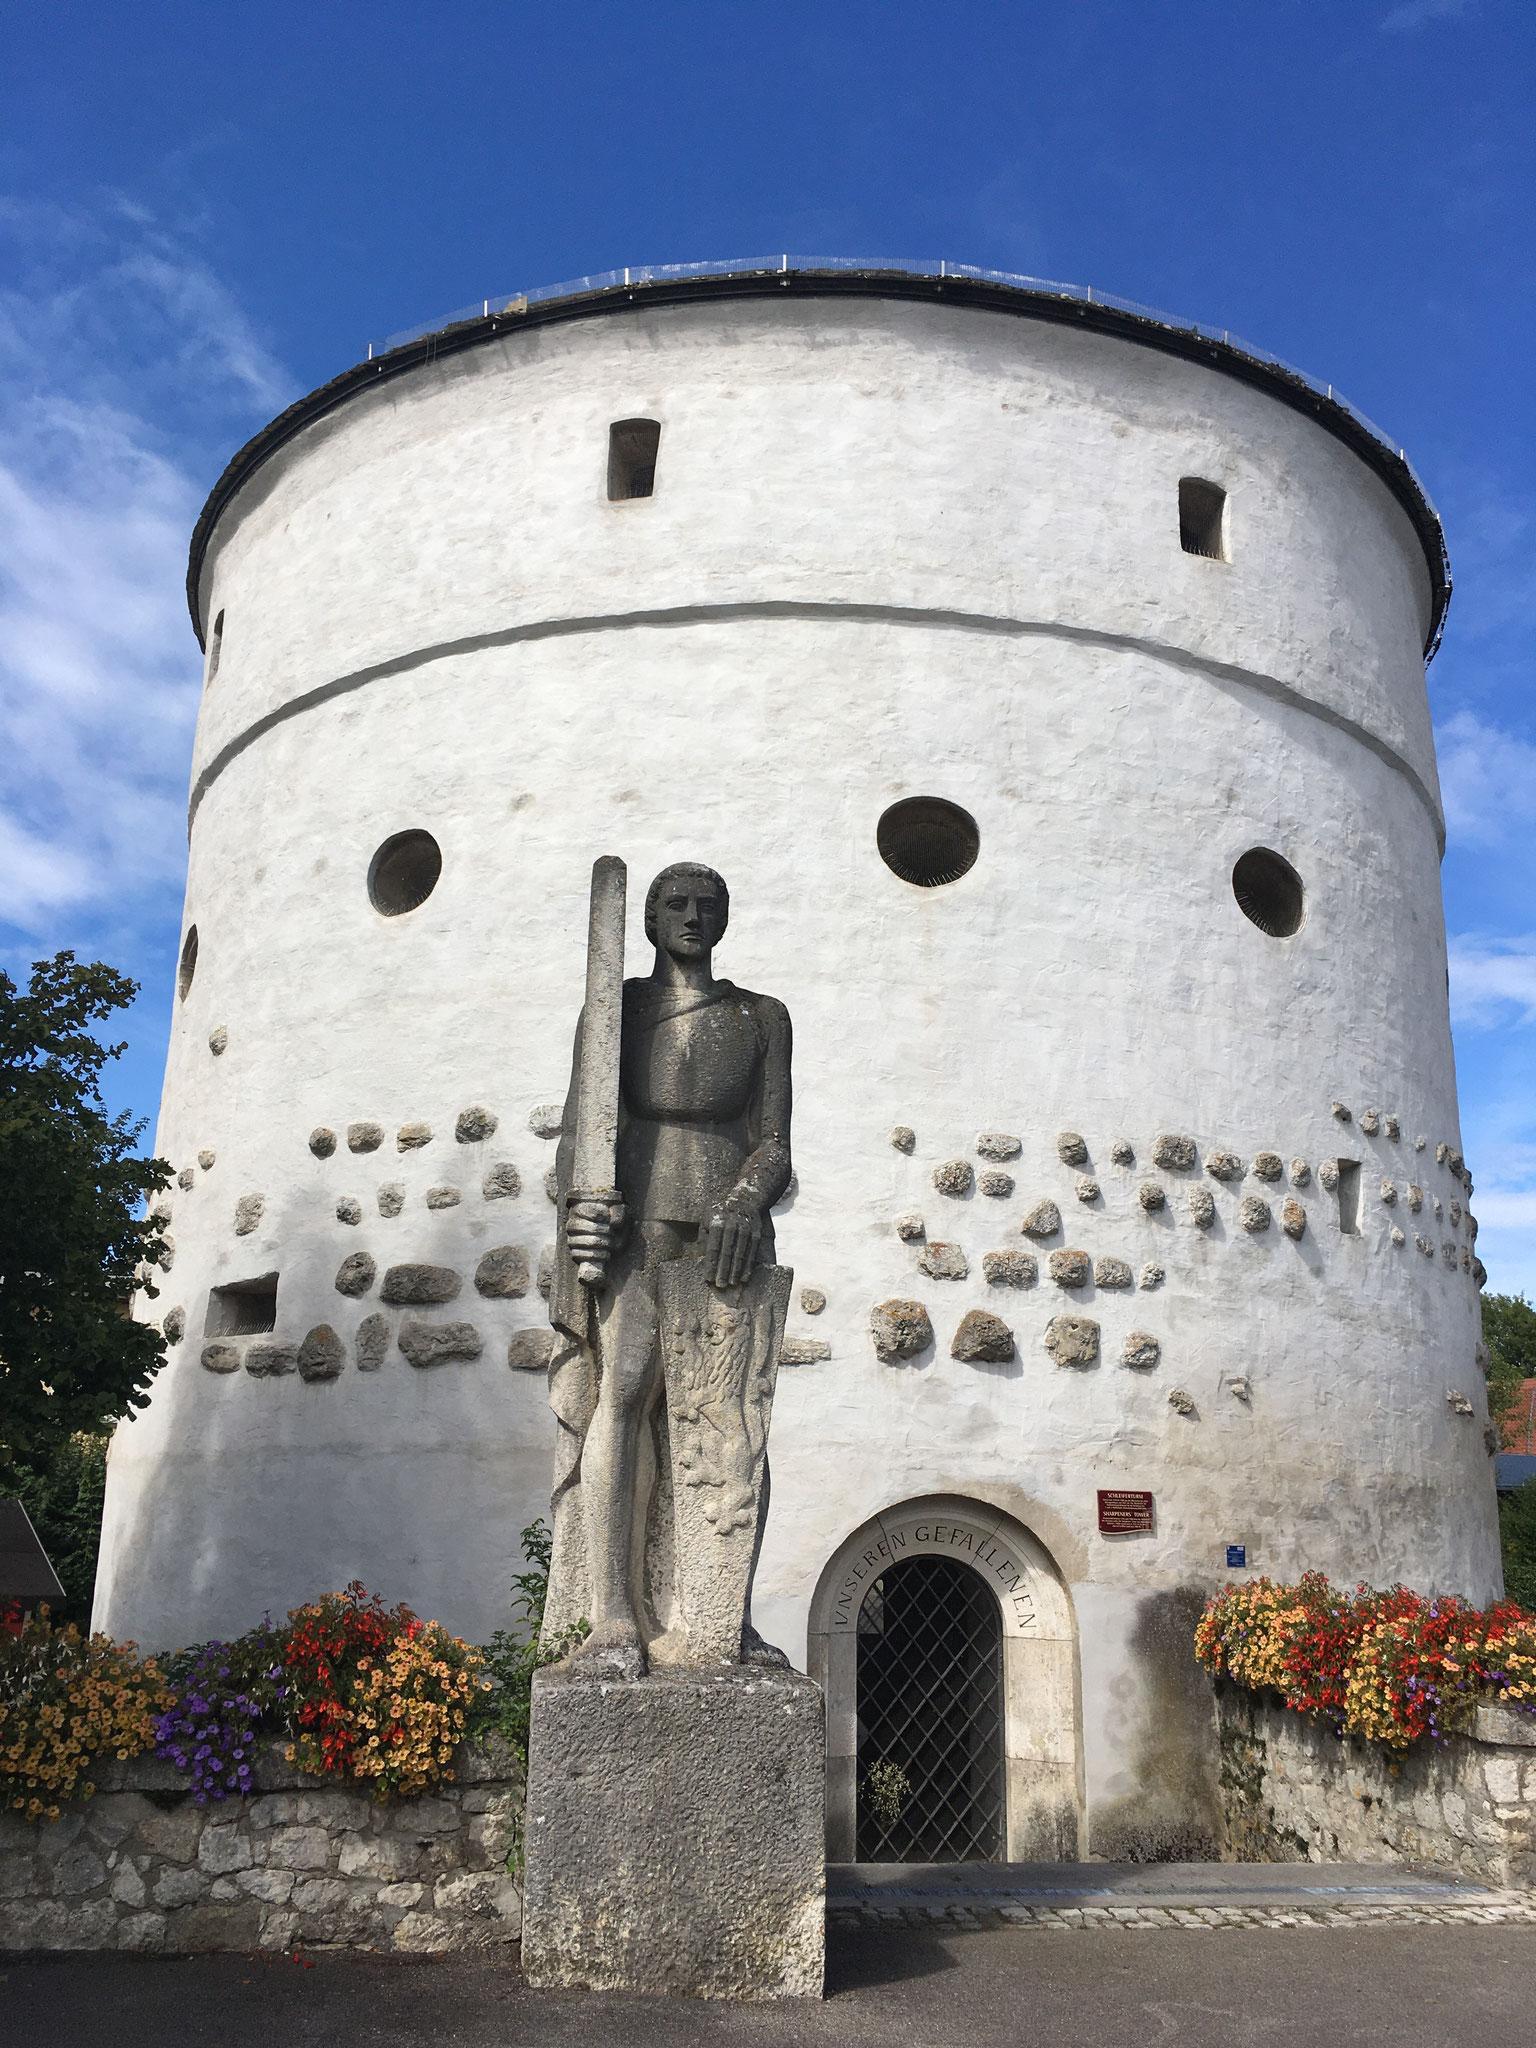 Römerturm Kelheim, © Tourismusverband Ostbayern e.V., Claudia Schaftner